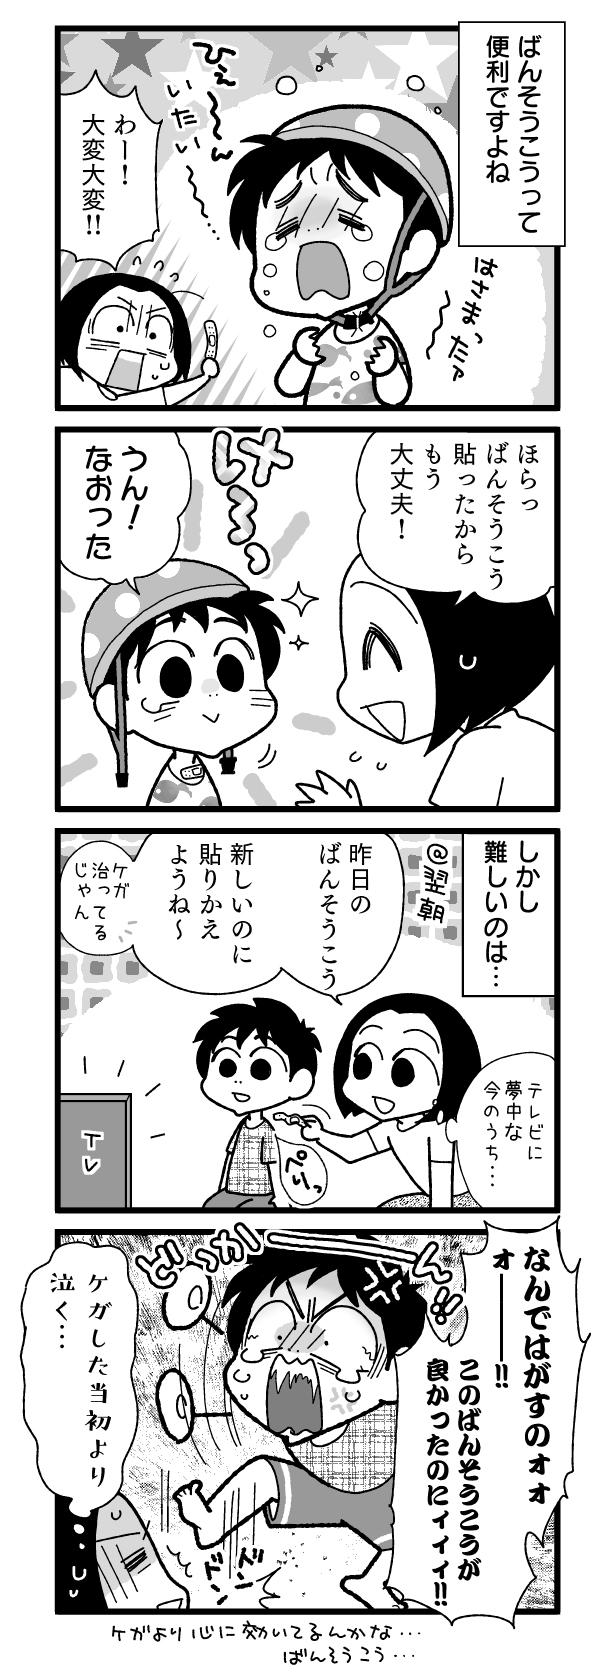 漫画『怒濤のにゅーじヨージ』Vol.213「効果絶大ばんそうこう」 1コマ目